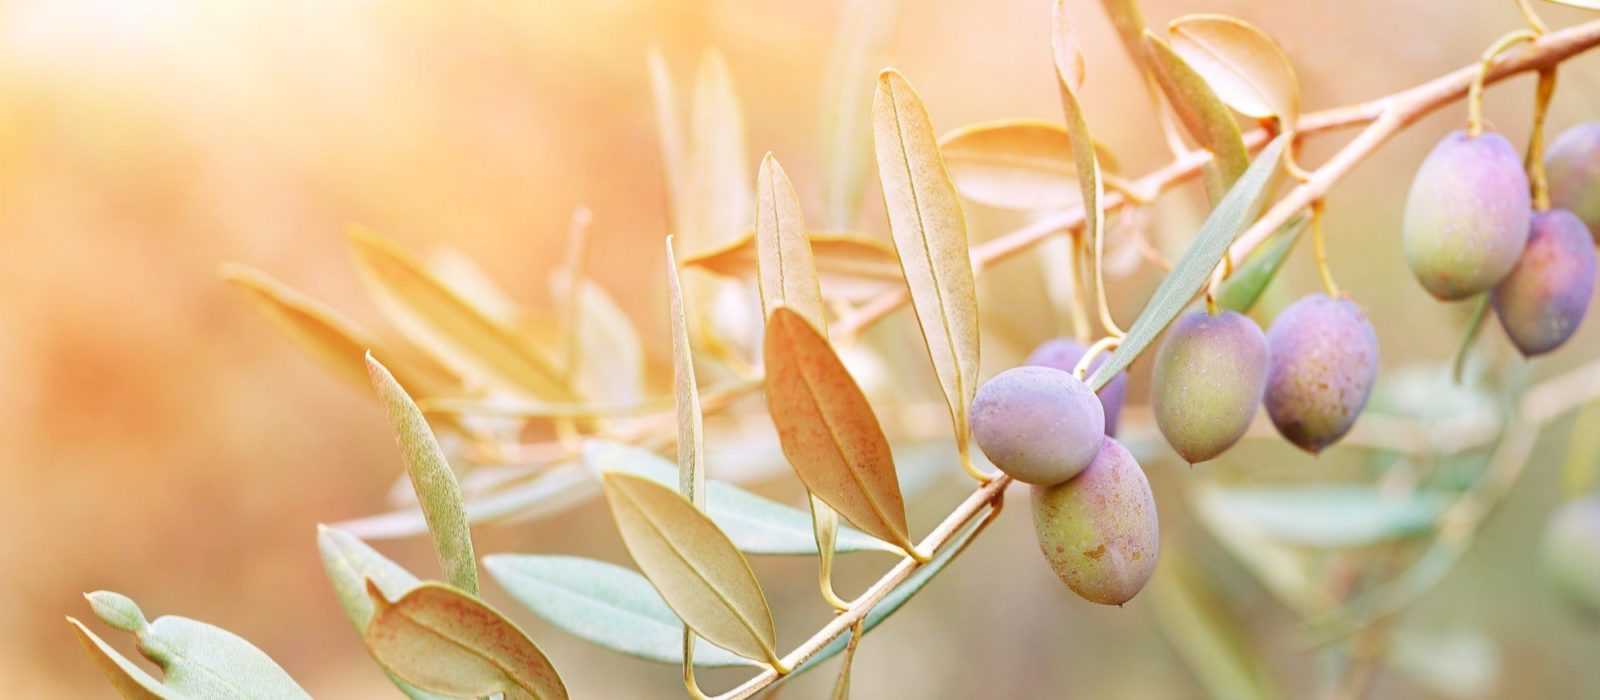 Symbolbild Dr. Theiss Medipharma Cosmetics zeigt einen Olivenbaum